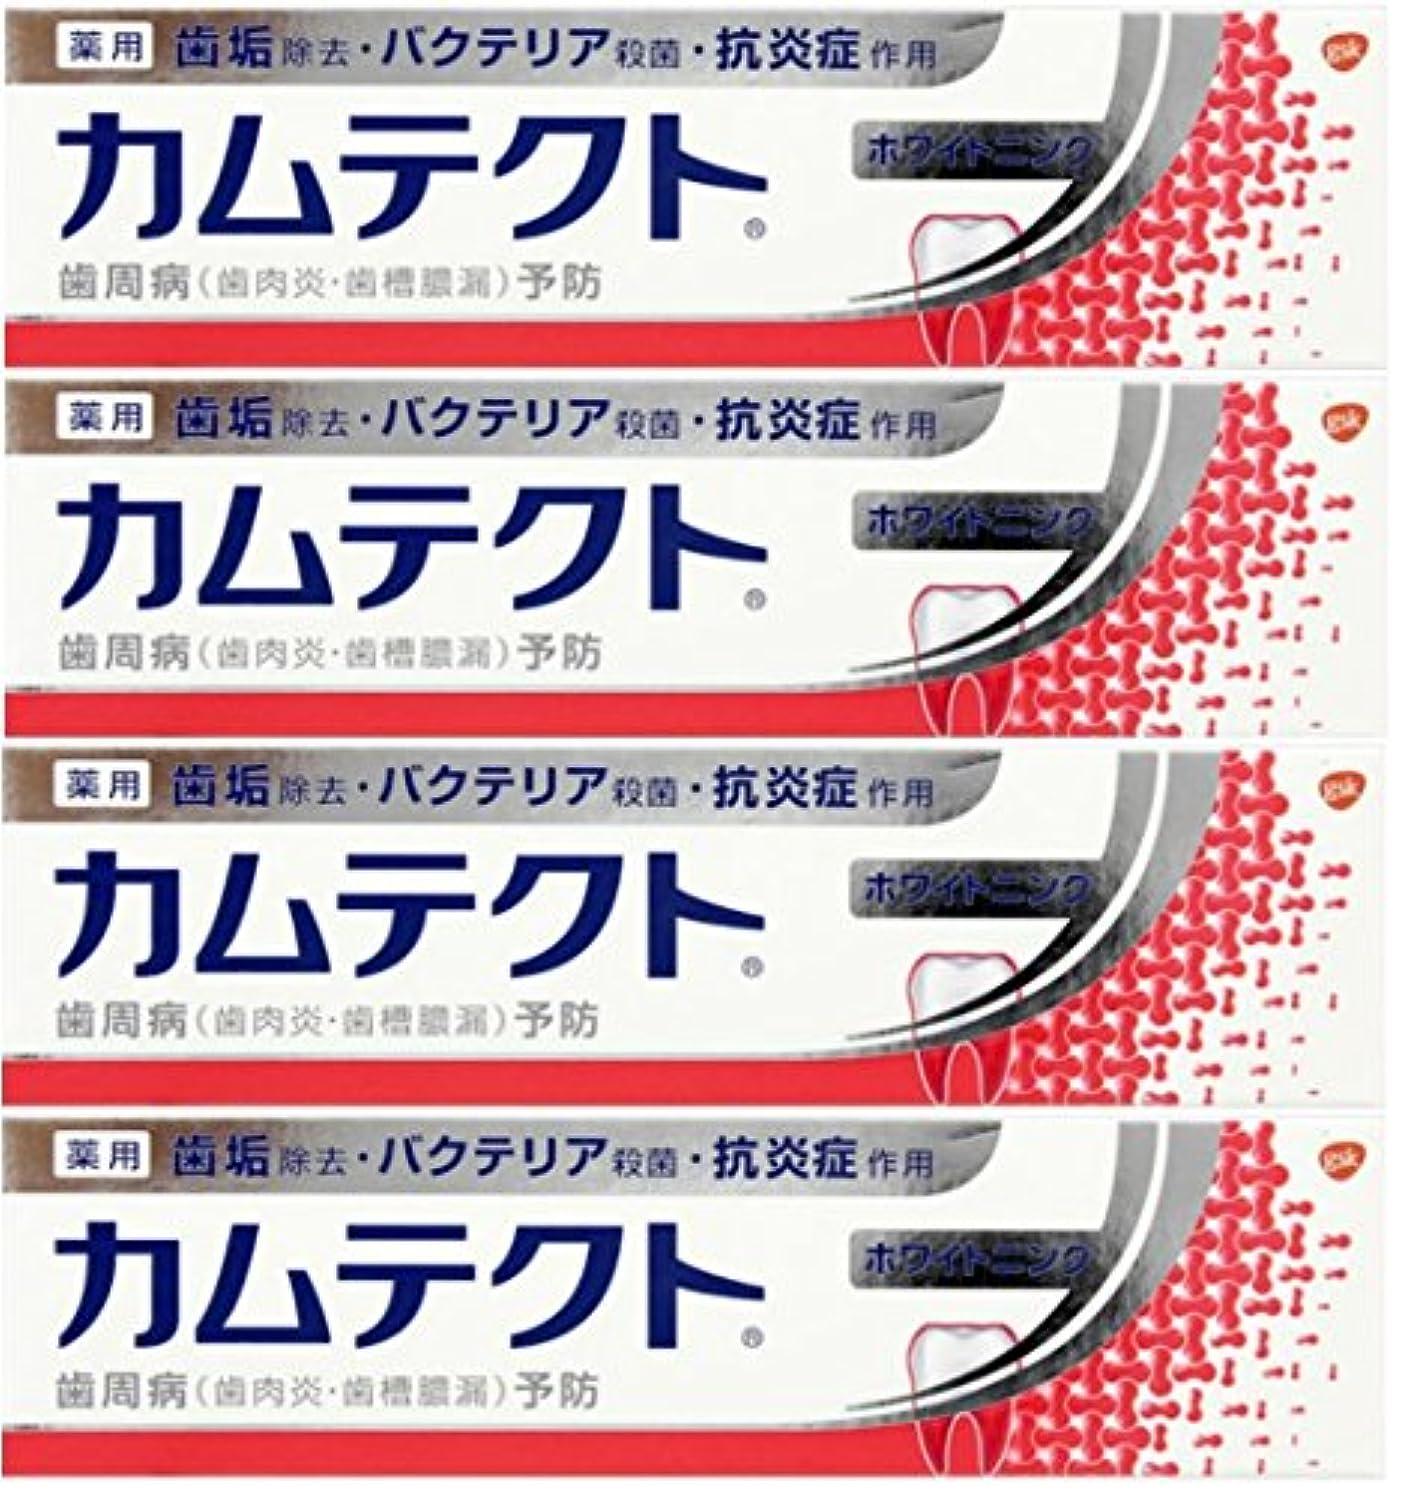 ピーブ控えめな意外【まとめ買い】カムテクト ホワイトニング 歯周病(歯肉炎?歯槽膿漏) 予防 歯みがき粉 105g×4個